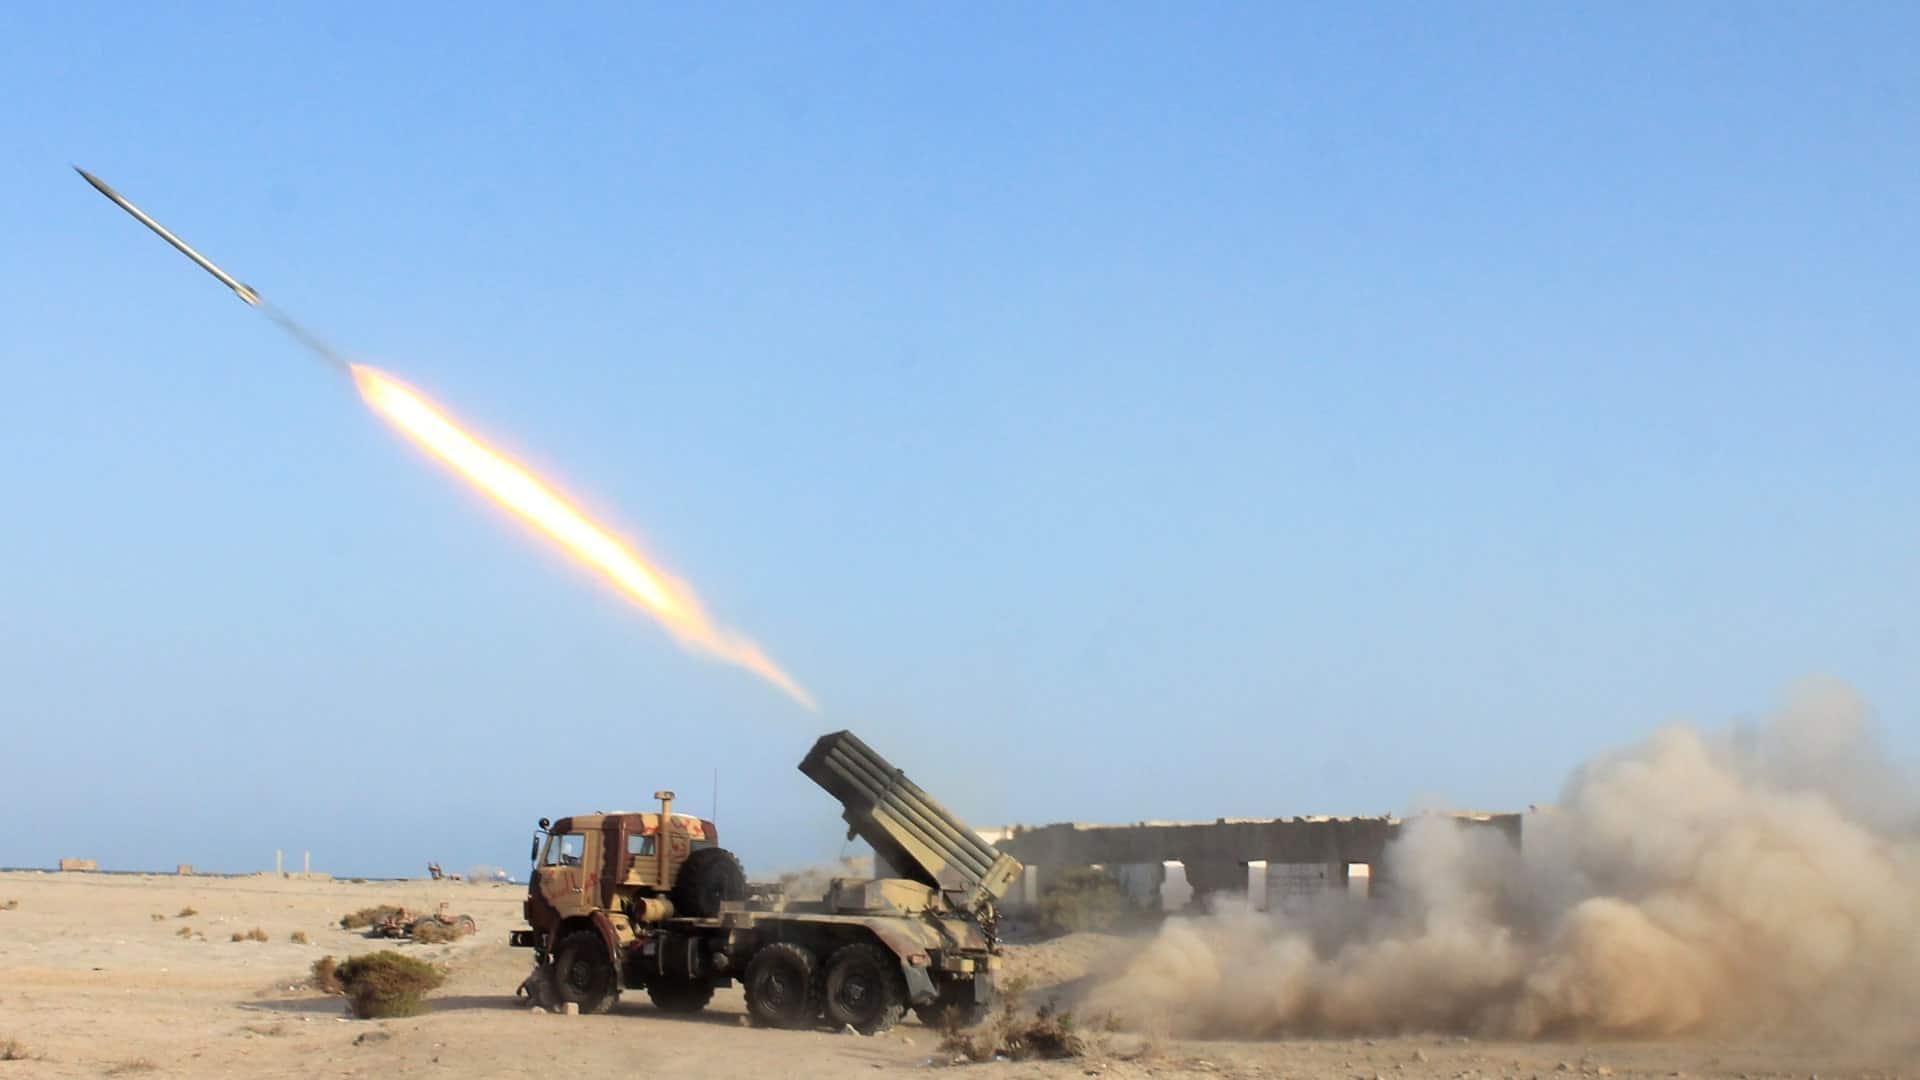 """هجوم قوي وغير متوقع .. صواريخ وطائرات """"حوثية"""" تضرب أرامكو ومطارات سعودية و""""بن سلمان"""" في """"غيبوبة""""!"""